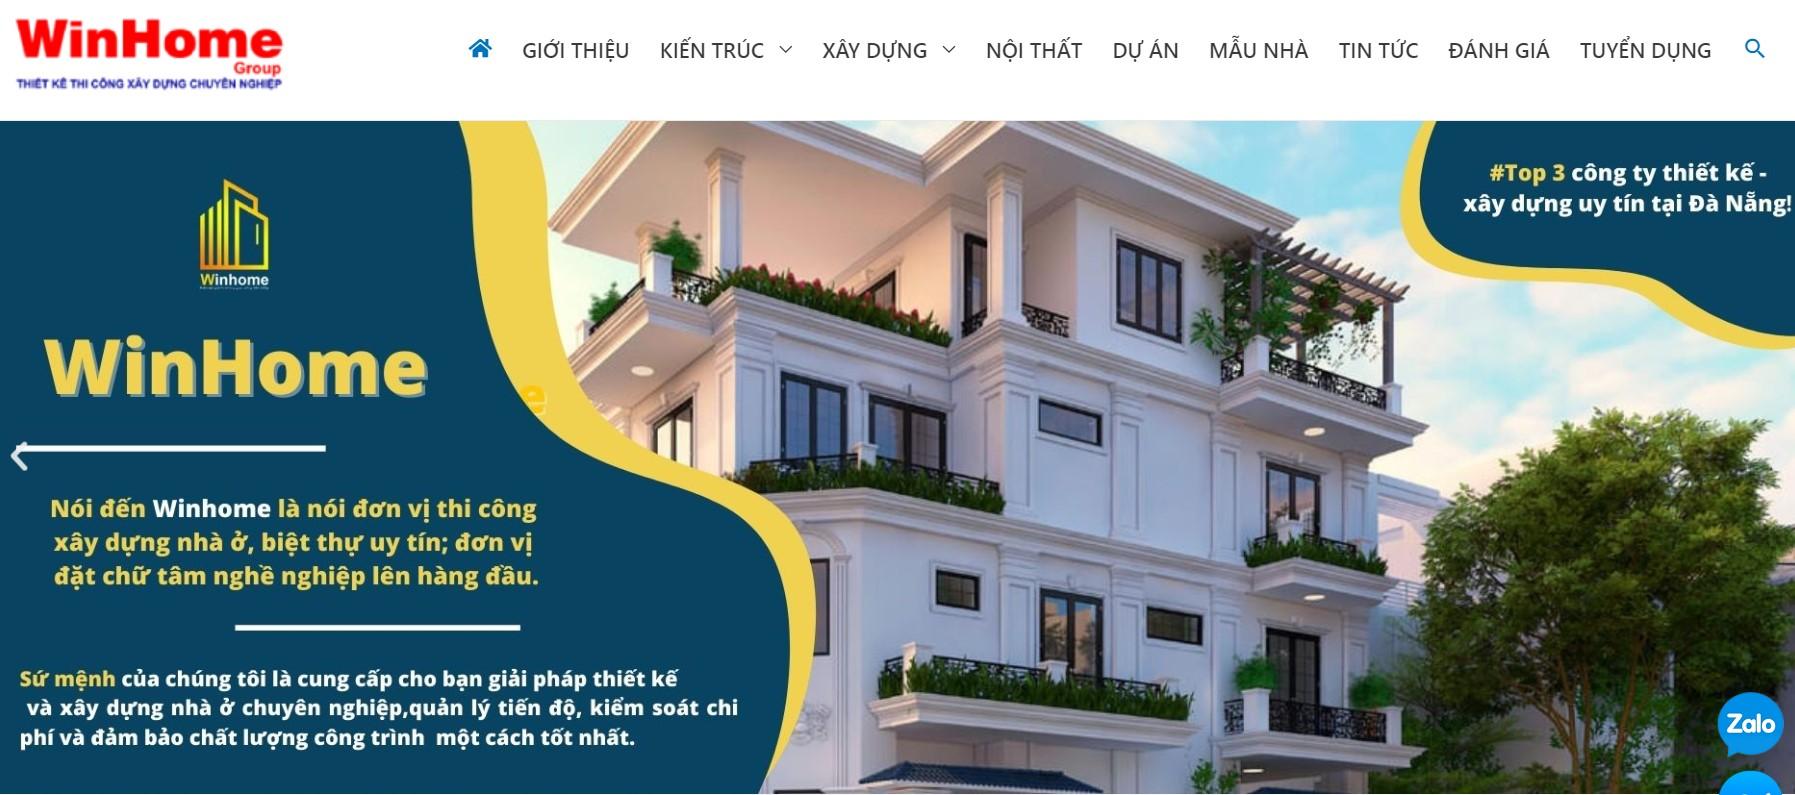 Công ty thiết kế nhà Winhome Group